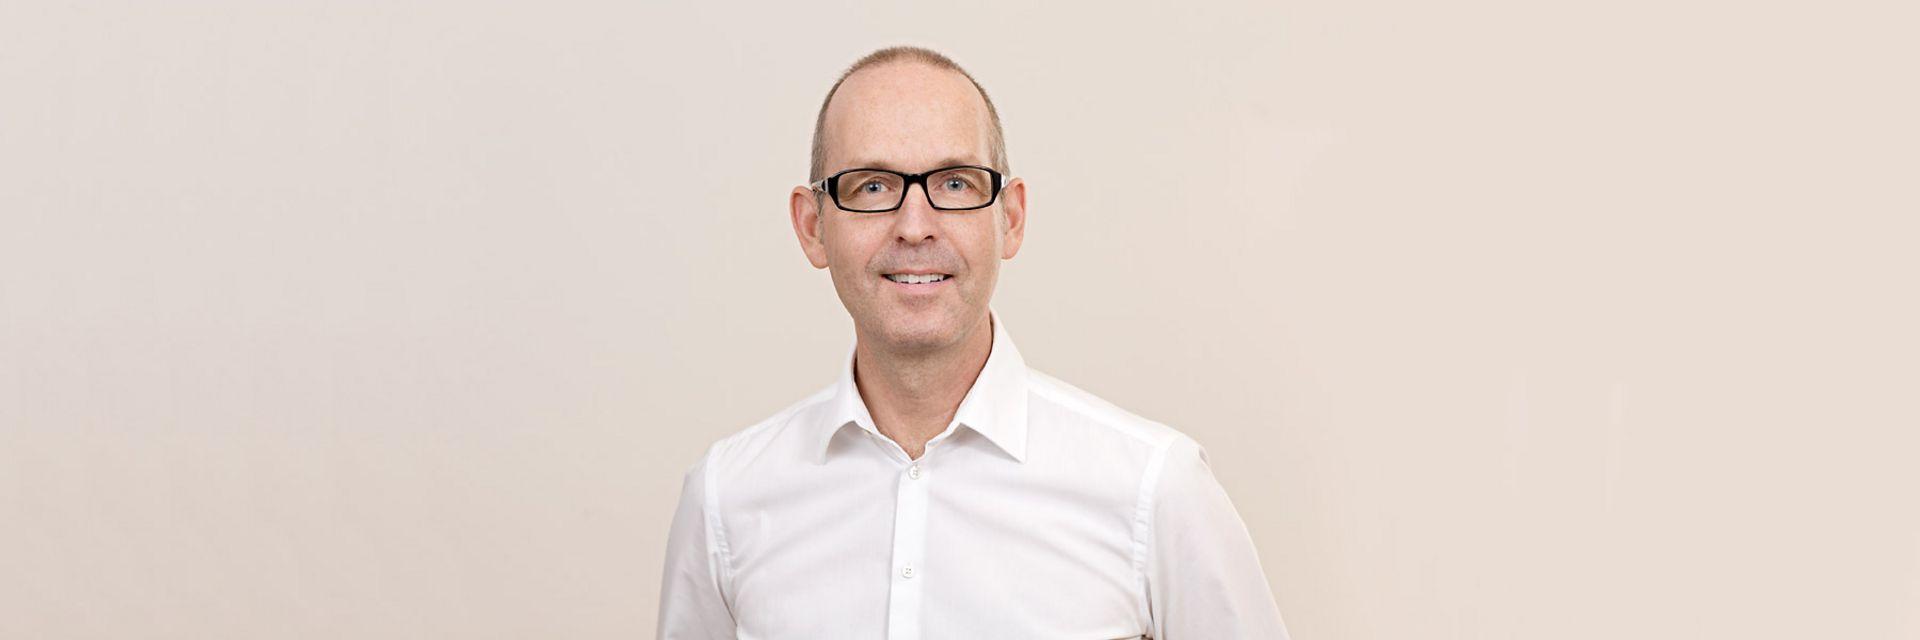 Höfer München pd dr dr christian hofer urologe münchen odeonsplatz dr günther